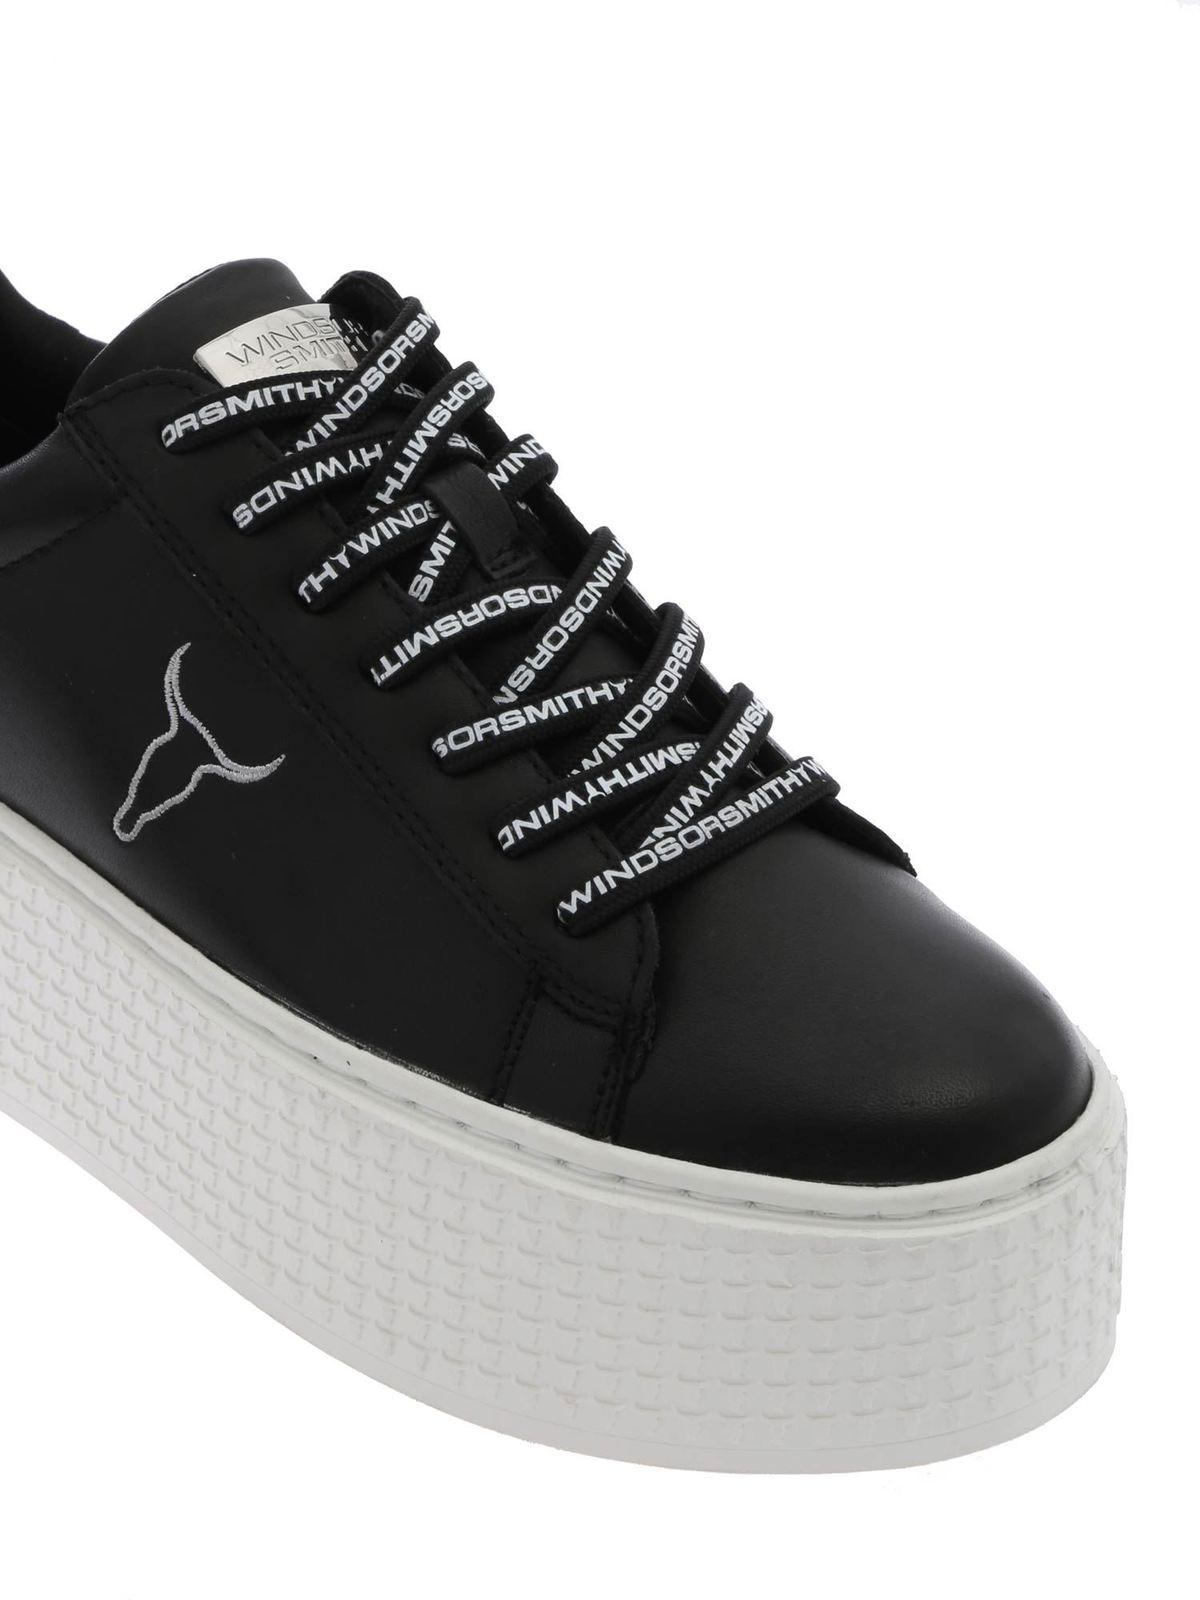 Windsor Smith Sneaker Schwarz Sneaker SEOULBLKWHT